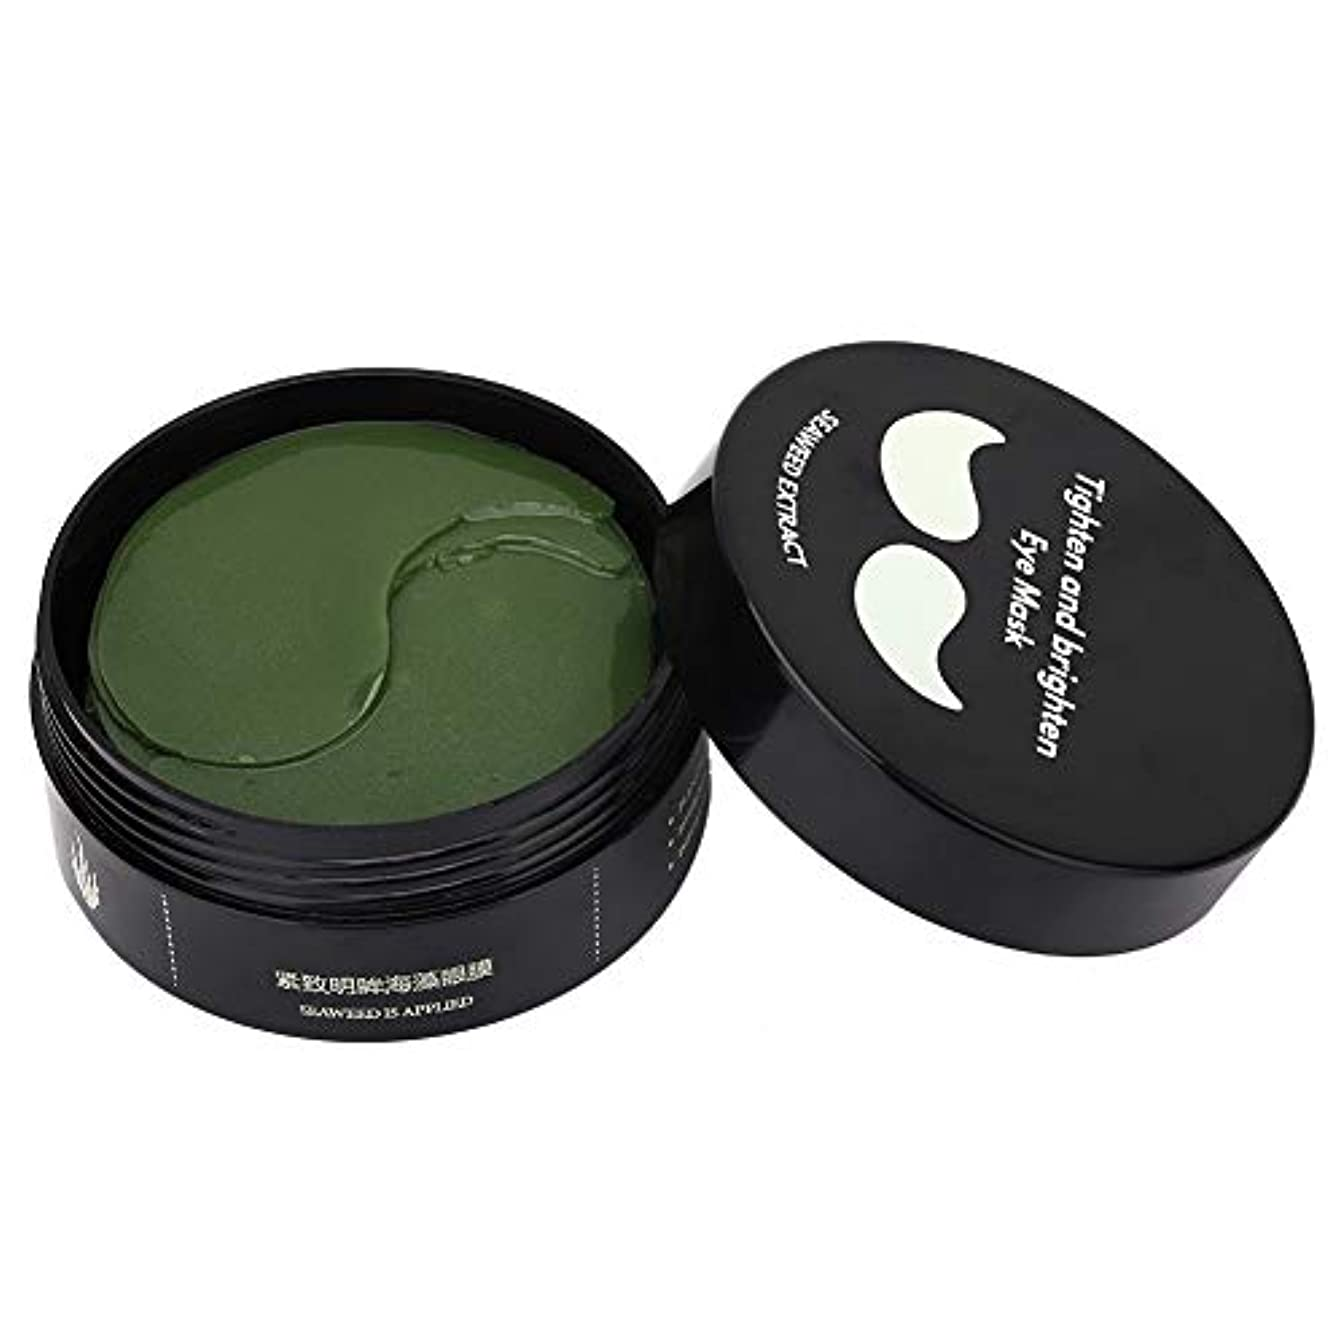 ぐったりフルートのためにアイジェルマスク、60個/箱緑藻アイジェルマスクしわ防止しわくちゃダークサークル保湿引き締めパット产品標题(タイトル):